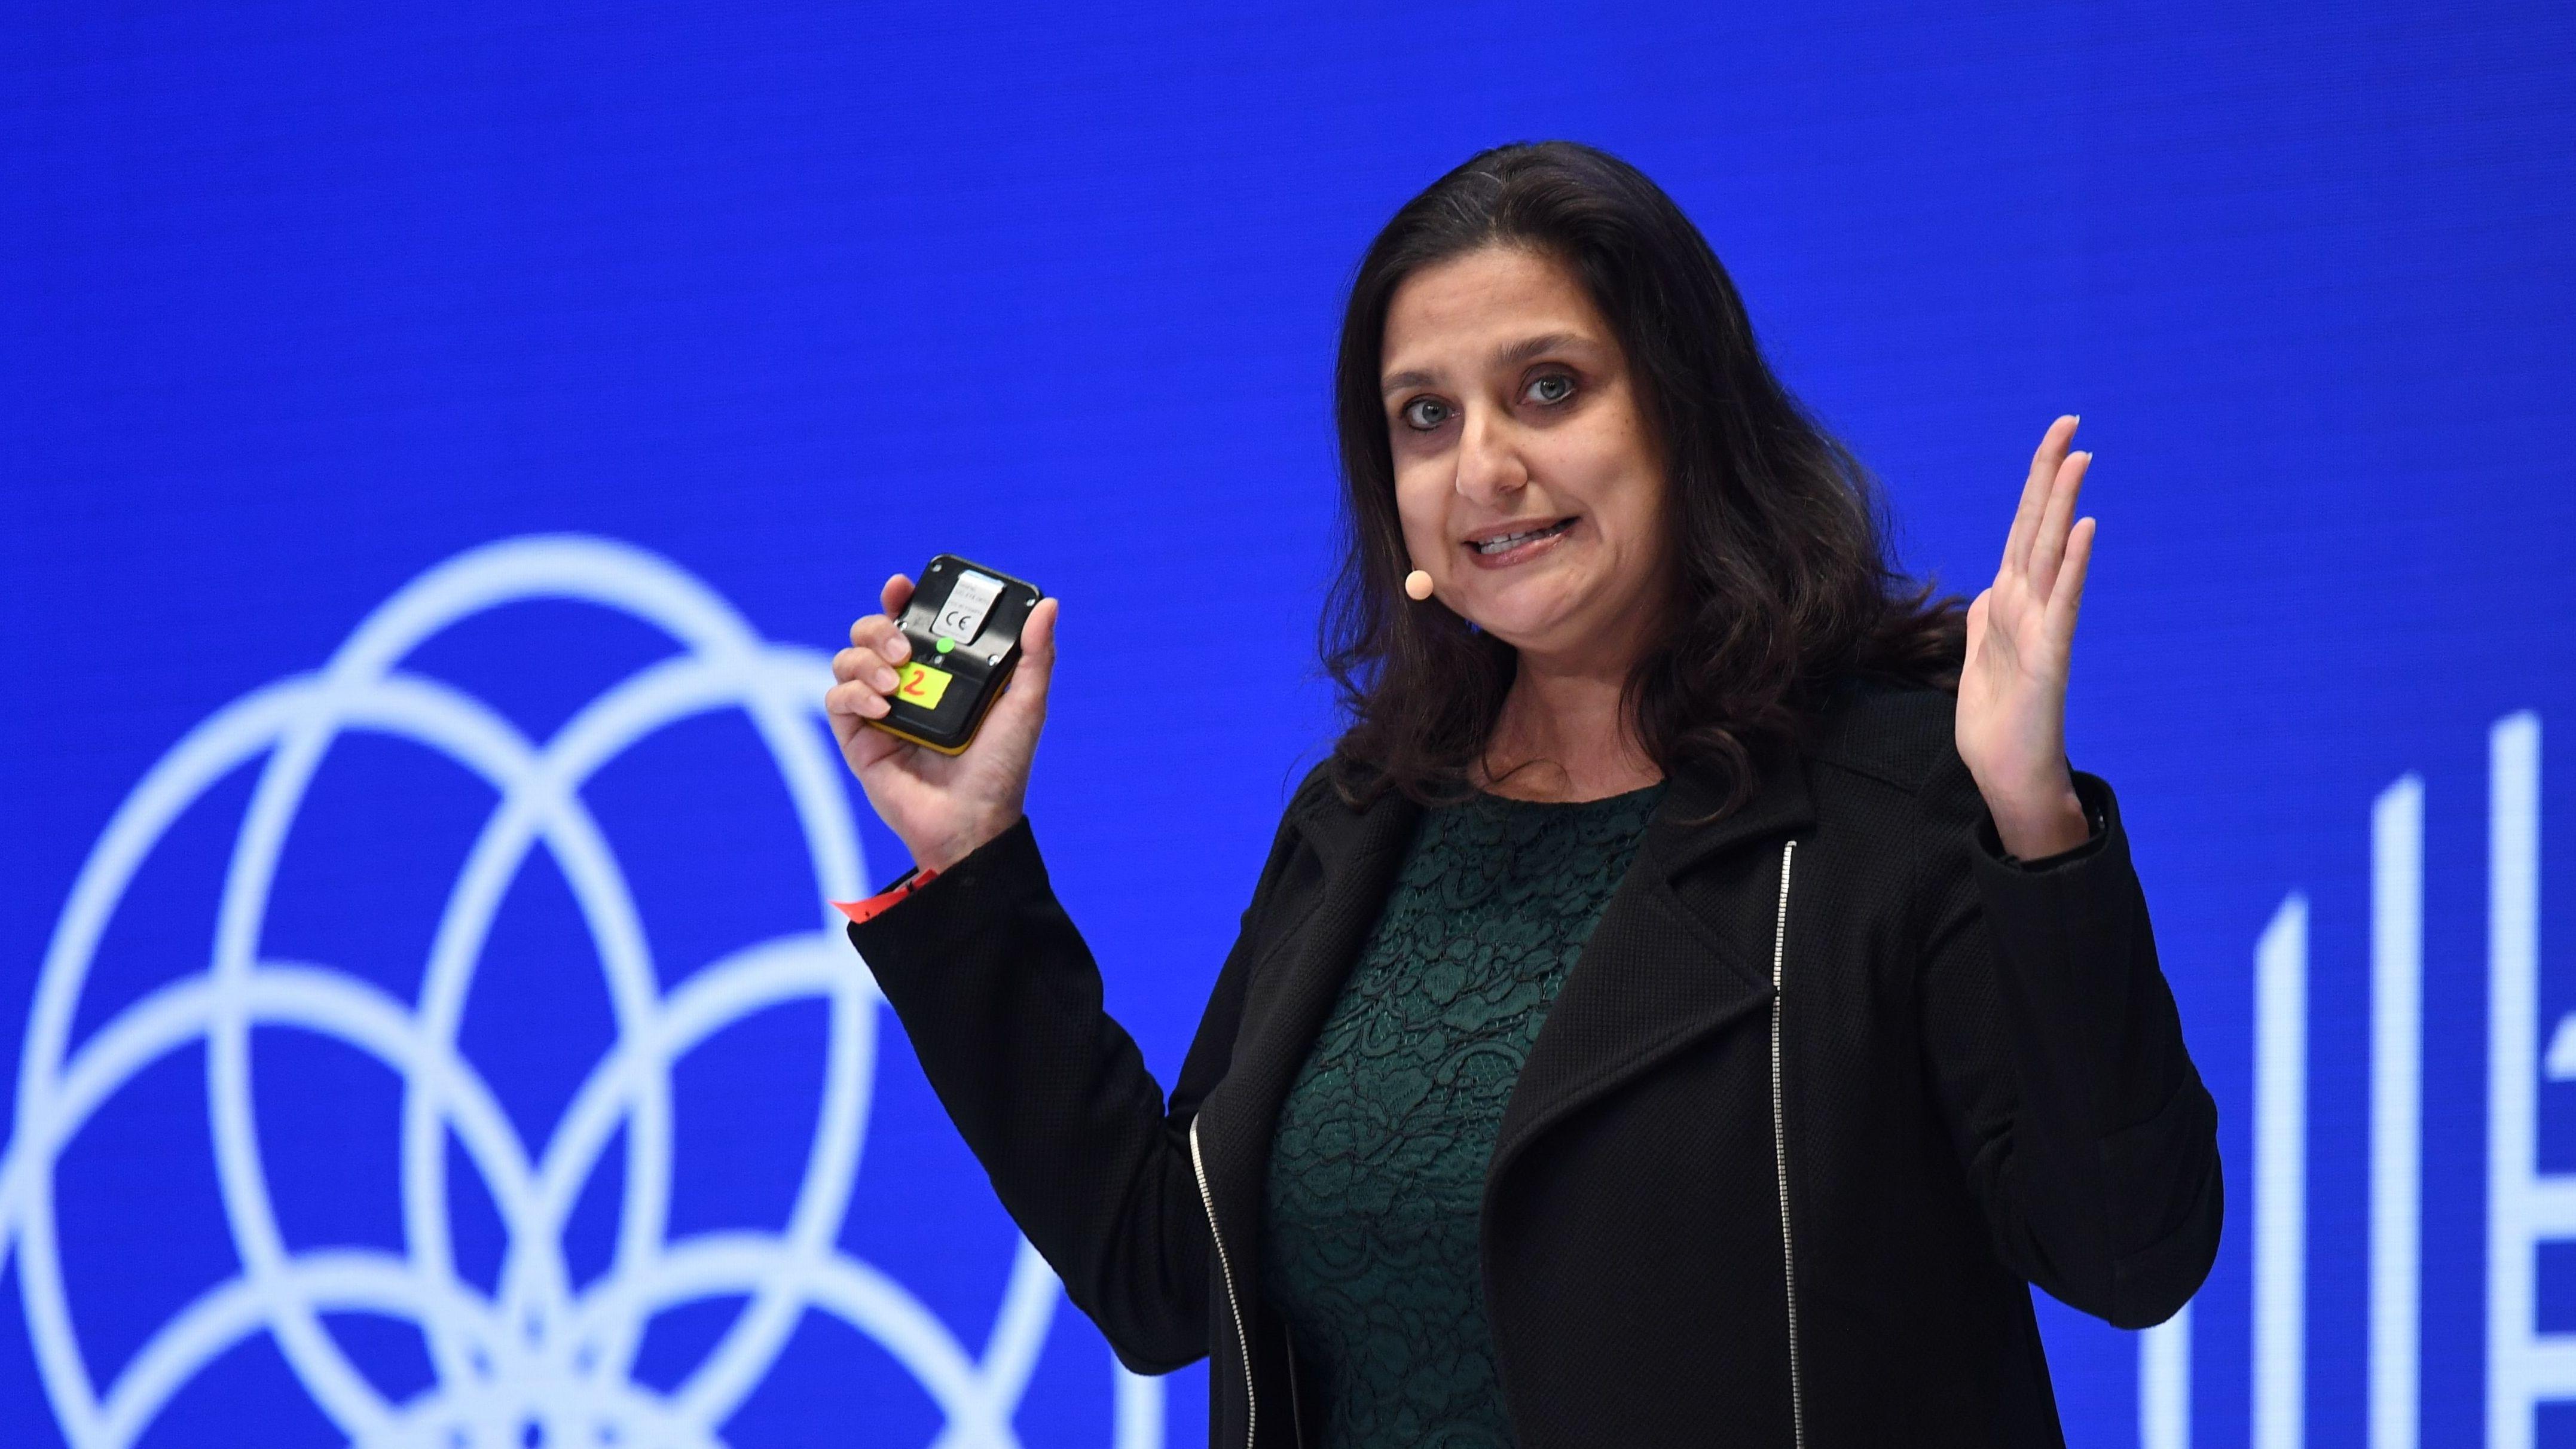 Divya Chander von der Singularity University auf der DLD Konferenz in München 2020